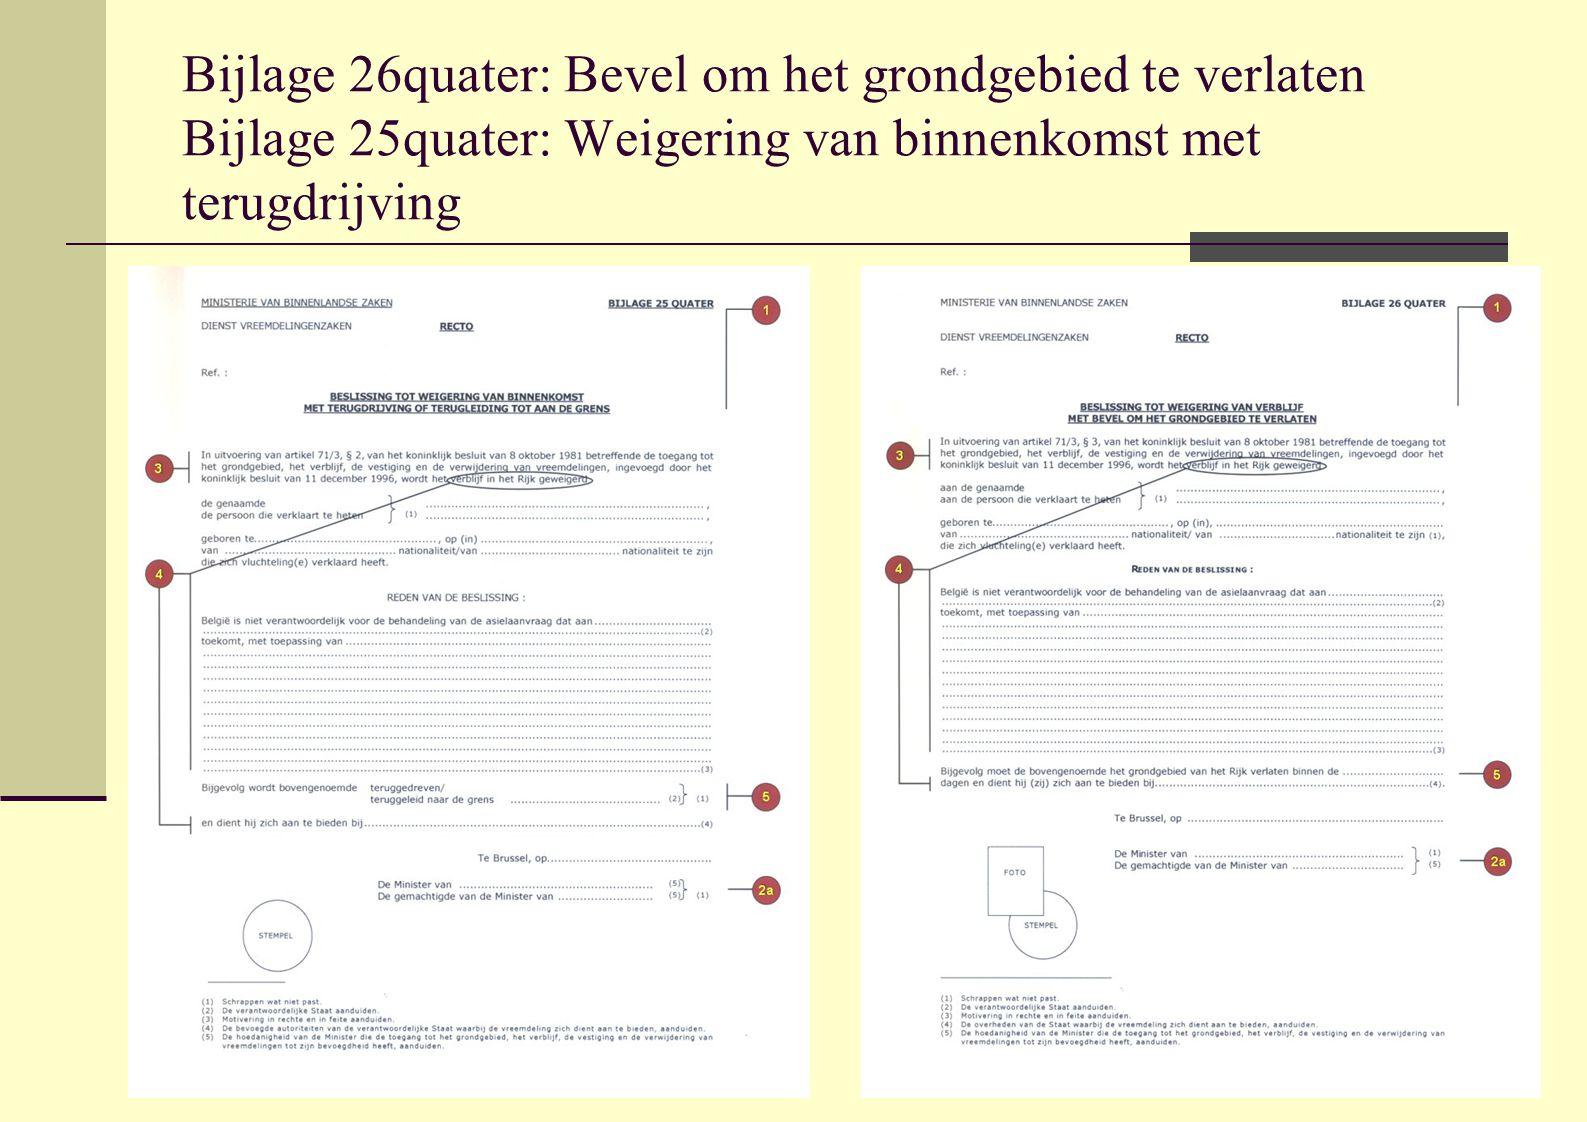 Bijlage 26quater: Bevel om het grondgebied te verlaten Bijlage 25quater: Weigering van binnenkomst met terugdrijving